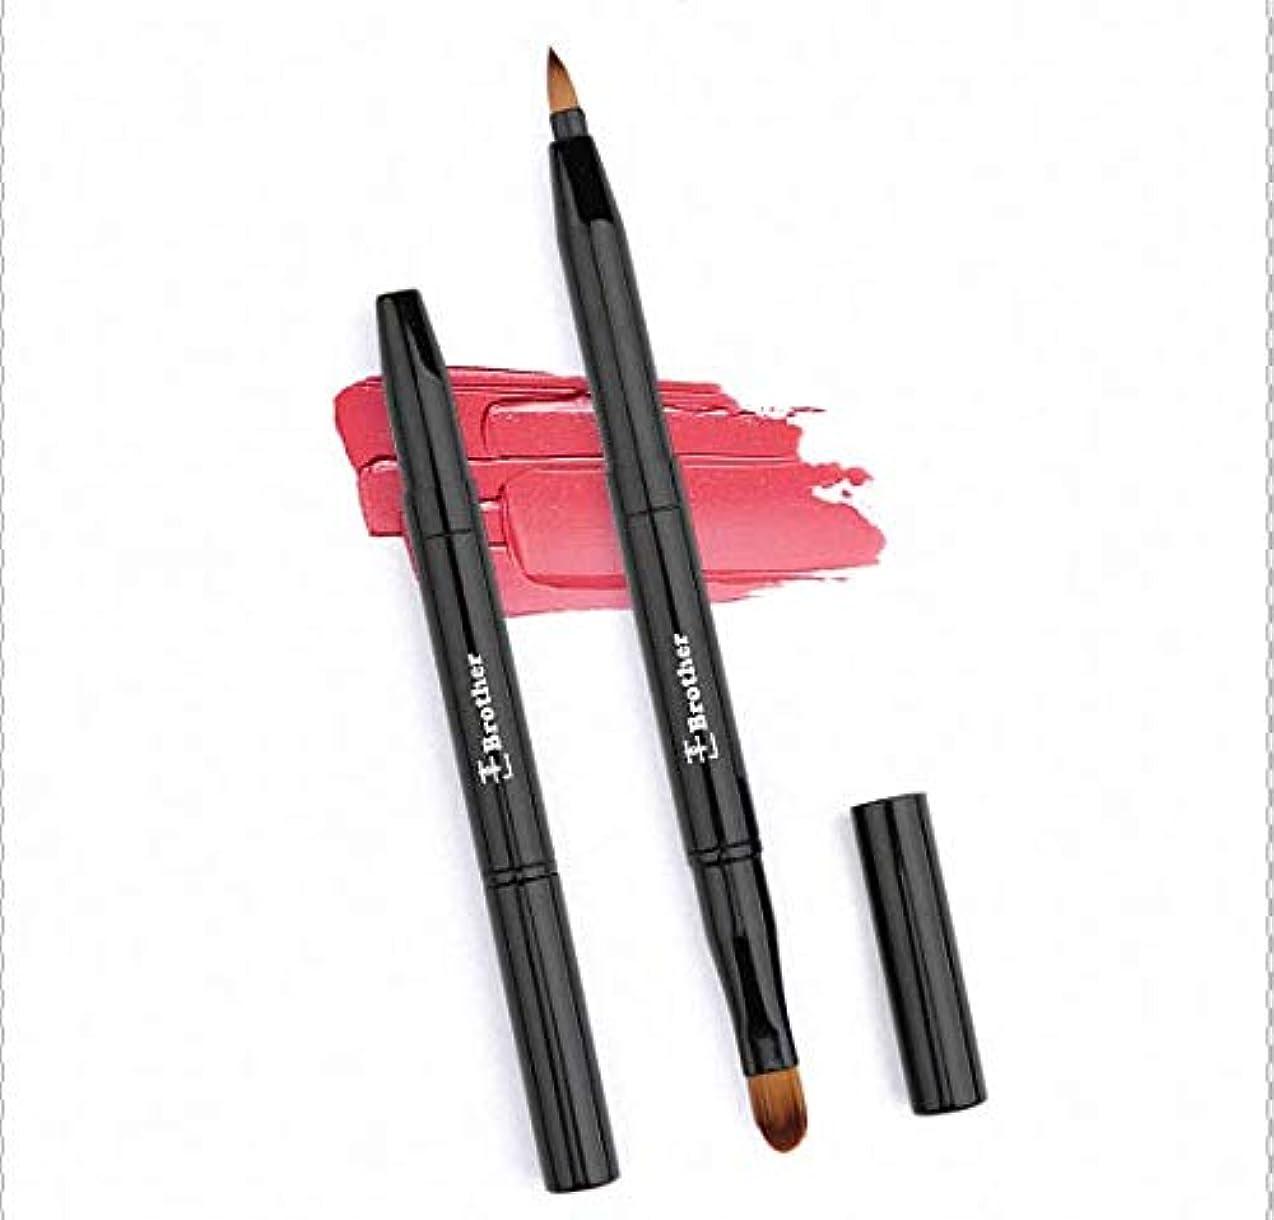 リップブラシ、アイブロウブラシ2in1(ツーインワン) 伸縮機能付き ソフトでフィット感のある化粧筆(超柔らかい)。 携帯便利。ギフト用、旅行用に最適。